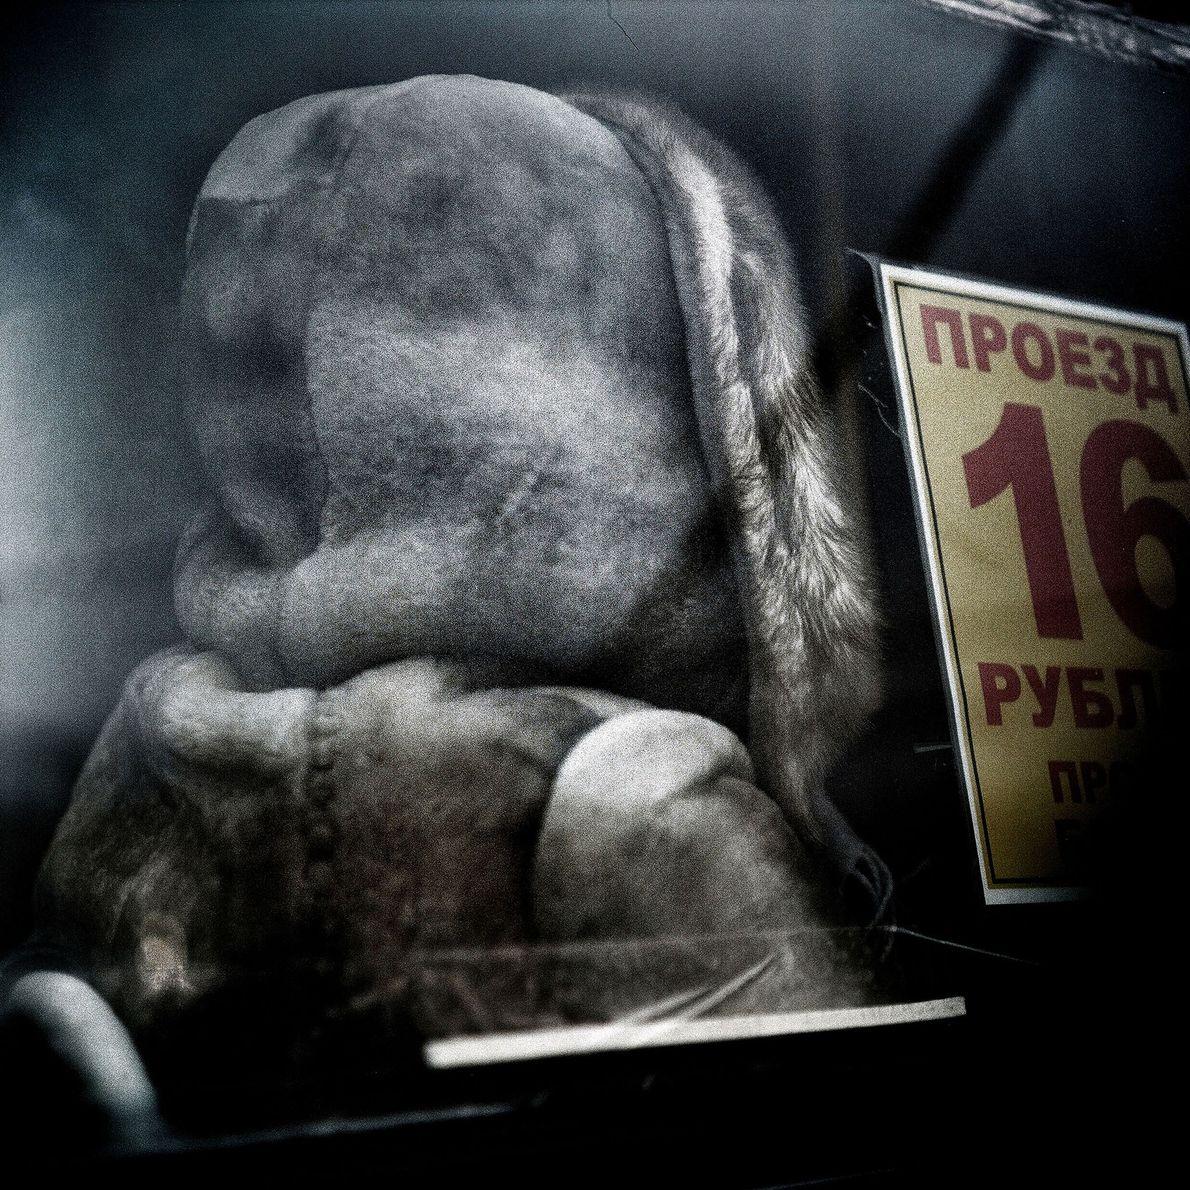 Una mujer abrigada en el interior de un autobús.